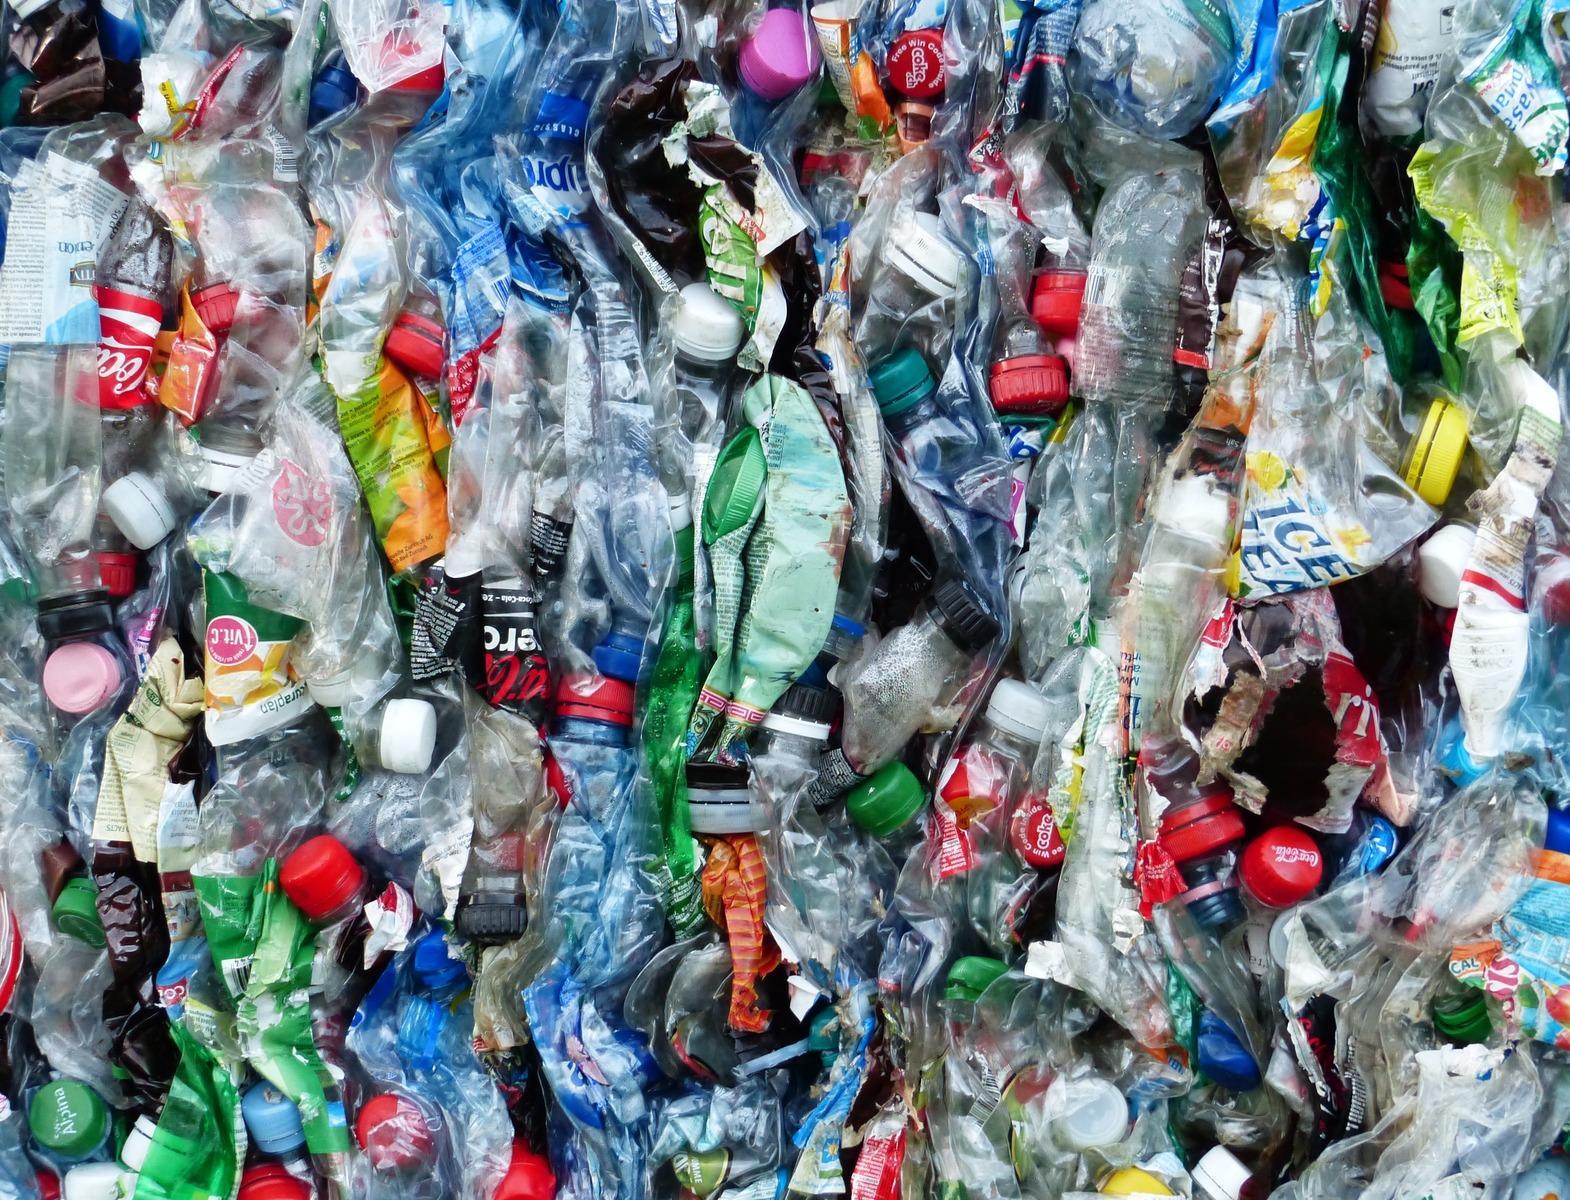 Рынок отходов во время пандемии: как справляется с кризисом один из крупнейших переработчиков вторсырья